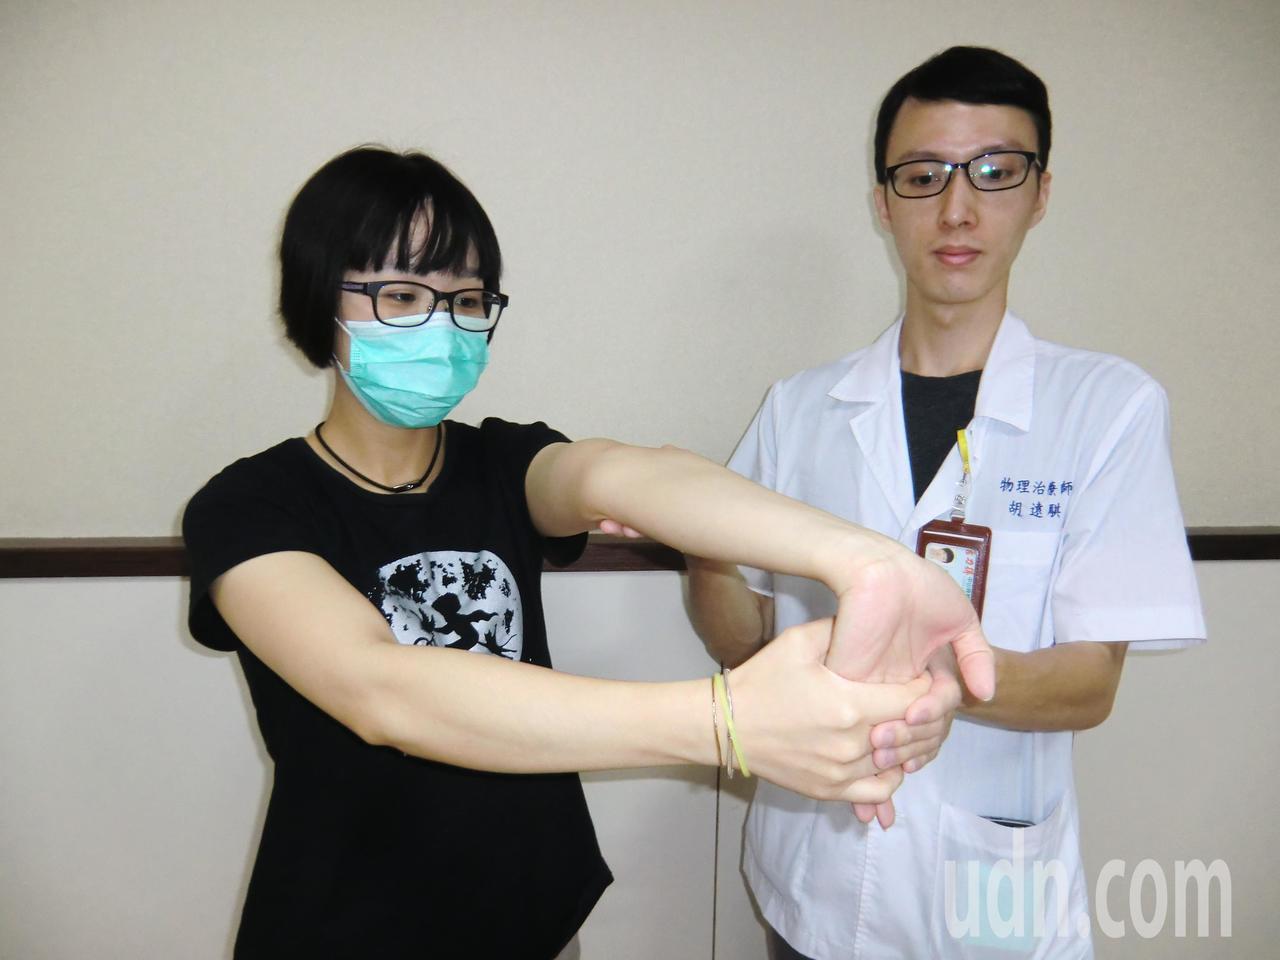 第二招「手腕牽拉運動」,一手手掌朝上,另一手將其手掌往下壓且手臂伸直,以便讓手腕...